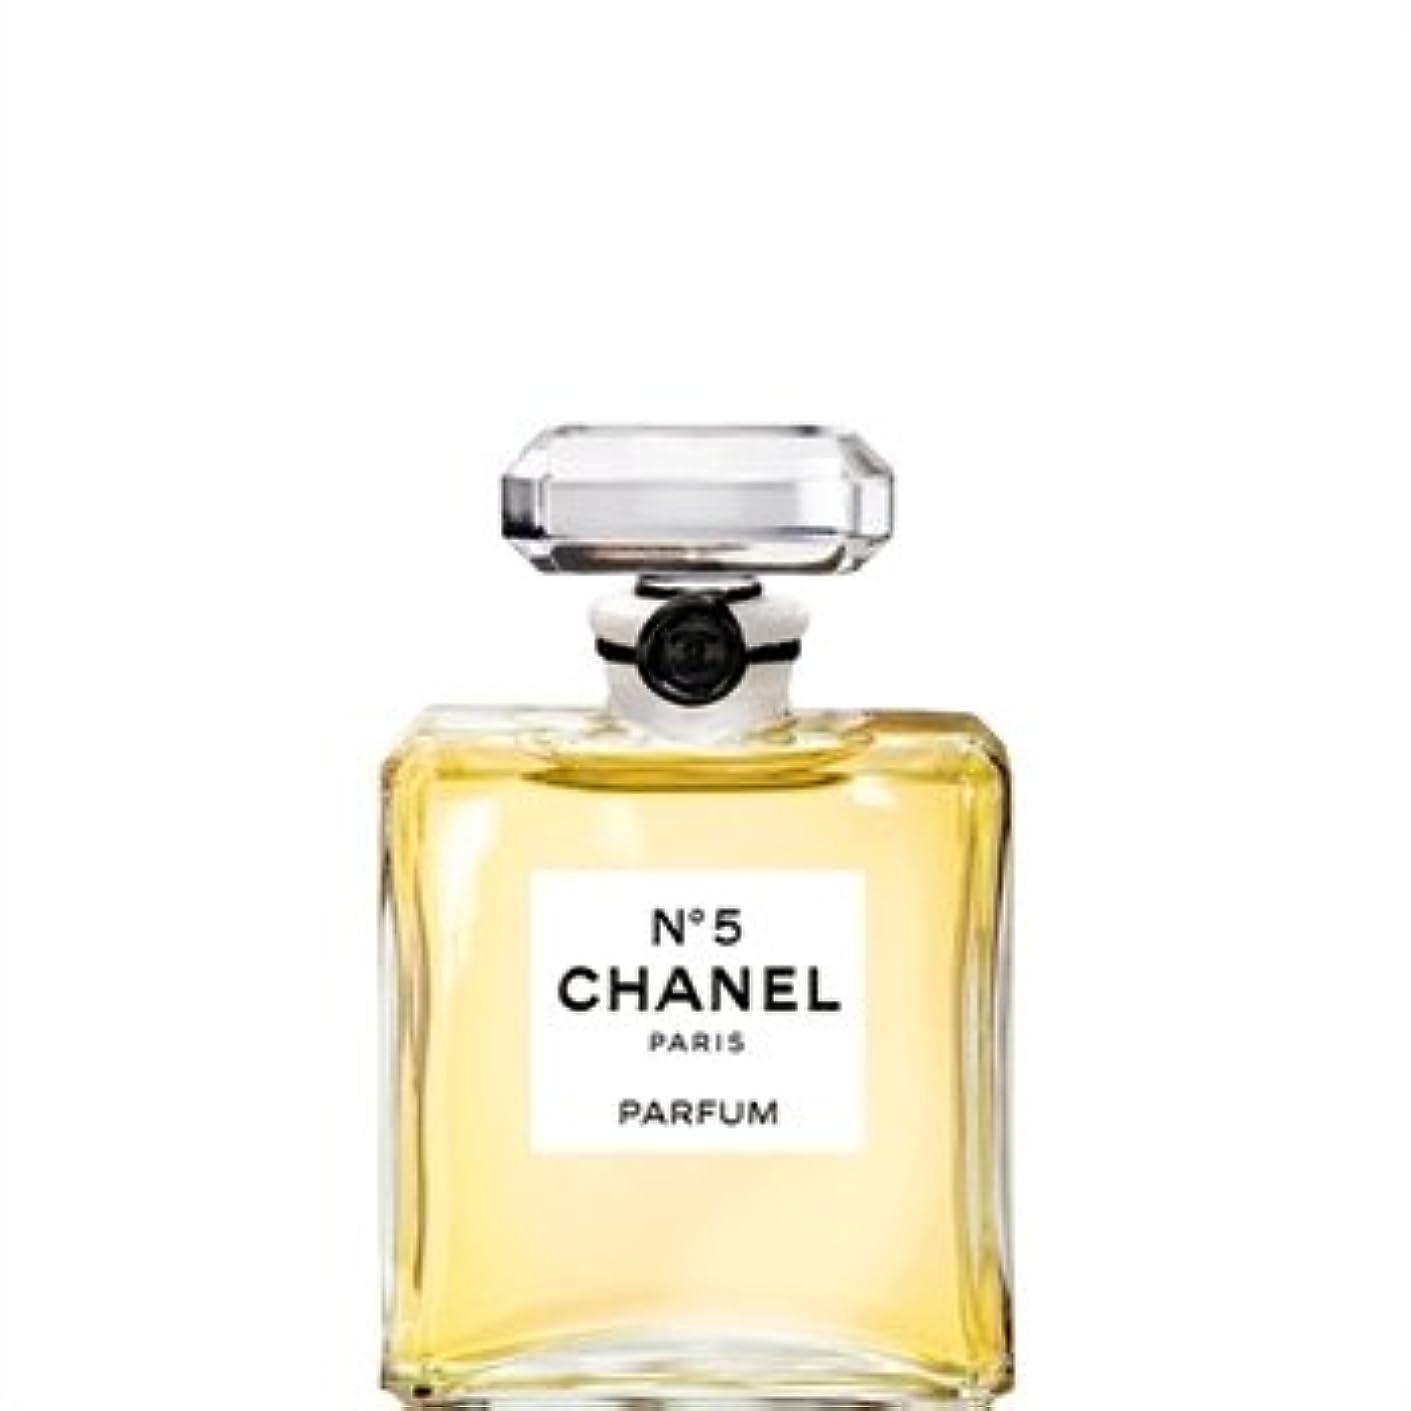 ヨーロッパ旅褐色CHANEL(シャネル) No.5 香水 30ml ボトル